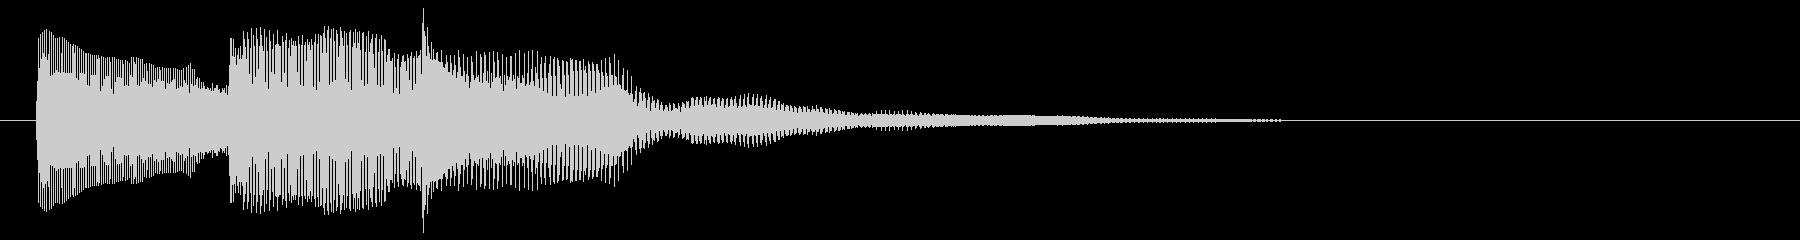 決定 選択 クリック スタート セレクトの未再生の波形